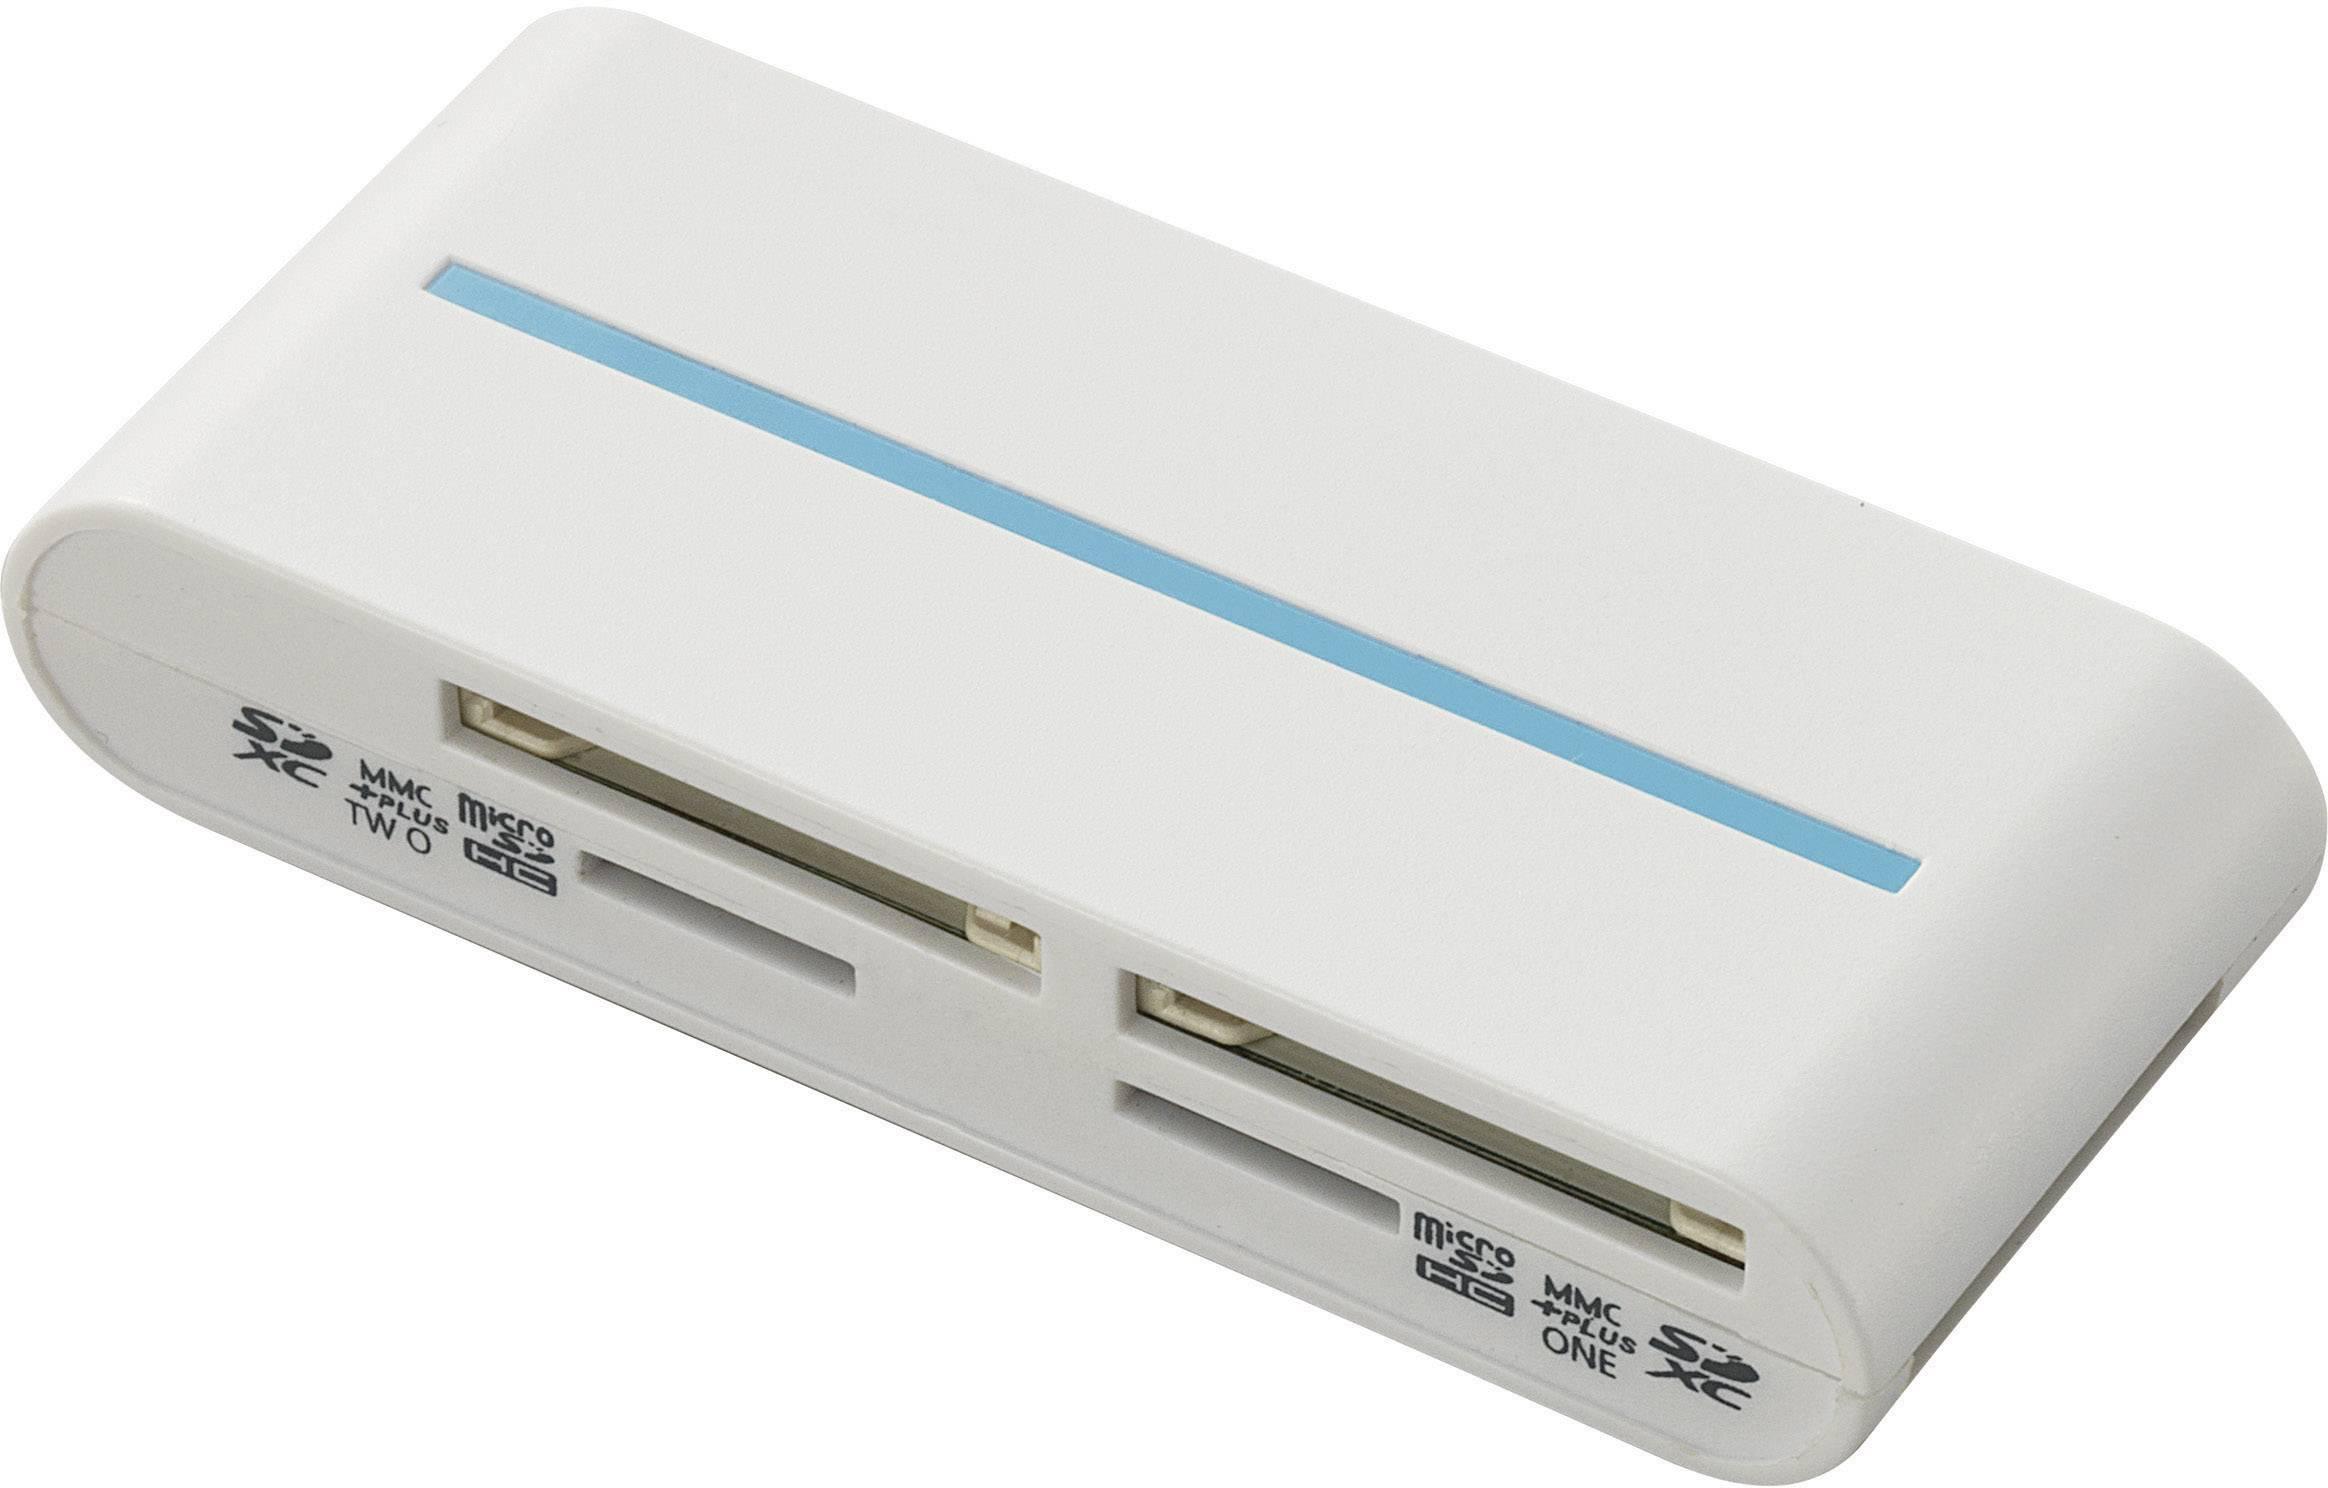 Externí čtečka paměťových karet Renkforce CR25e, USB 3.0, bílá